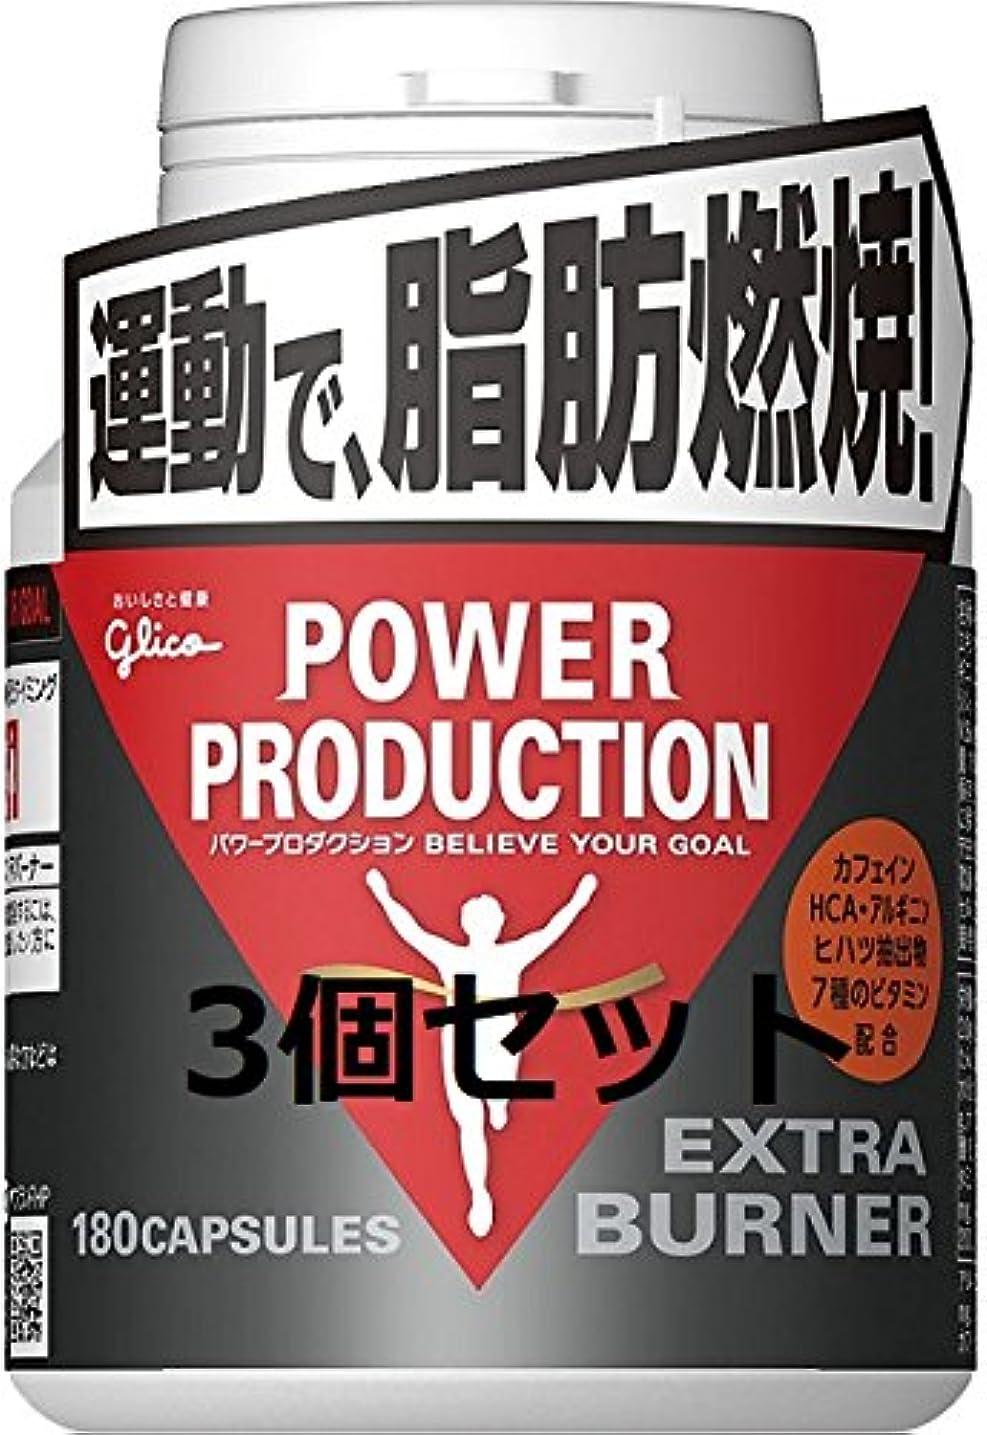 実行学期見物人グリコパワープロダクション エキストラバーナー 59.9g(お買い得3個セット)